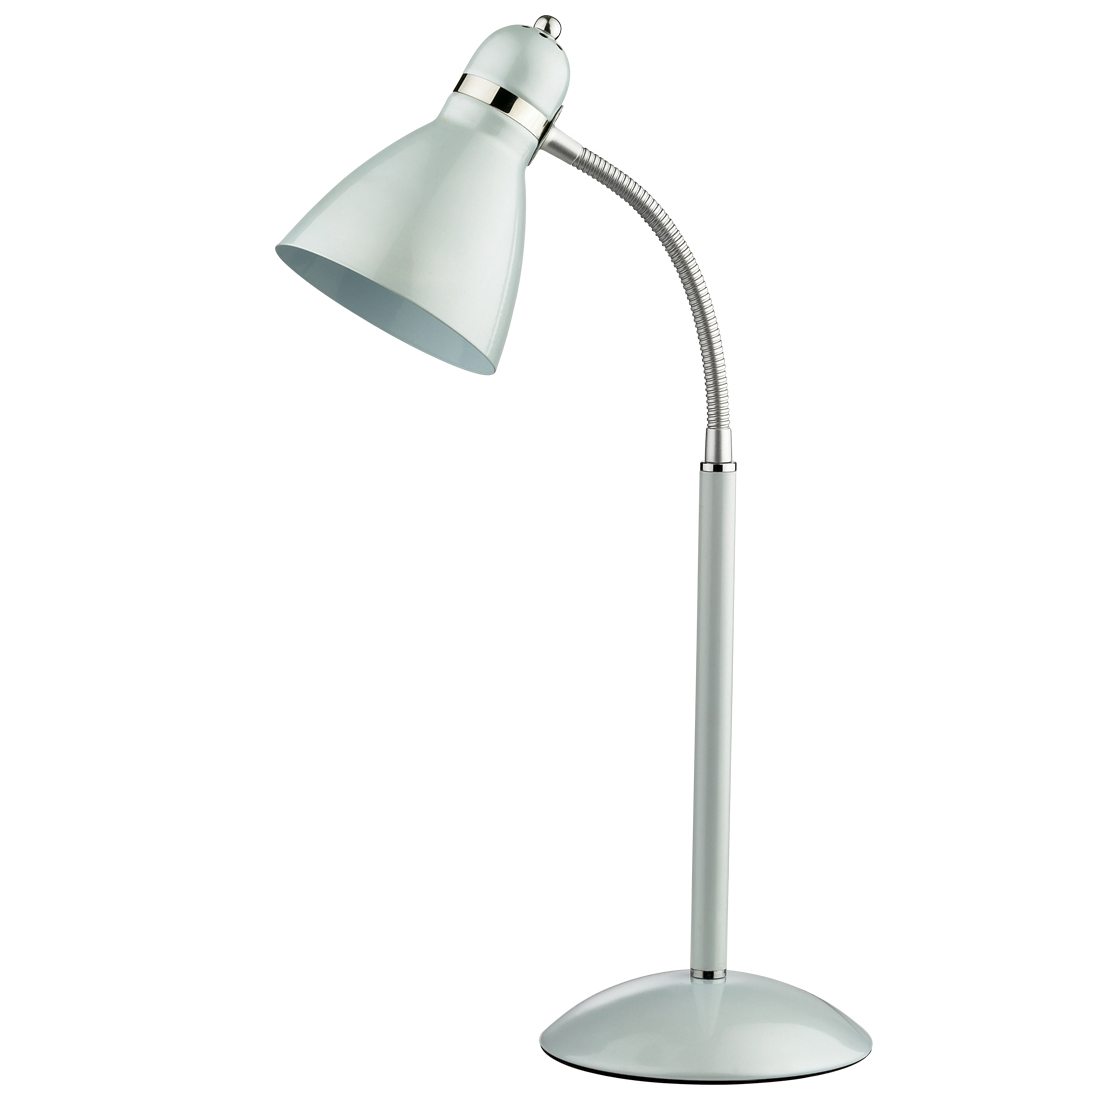 Лампа настольная Odeon light 2411/1t настольная лампа odeon light офисная luri 2327 1t